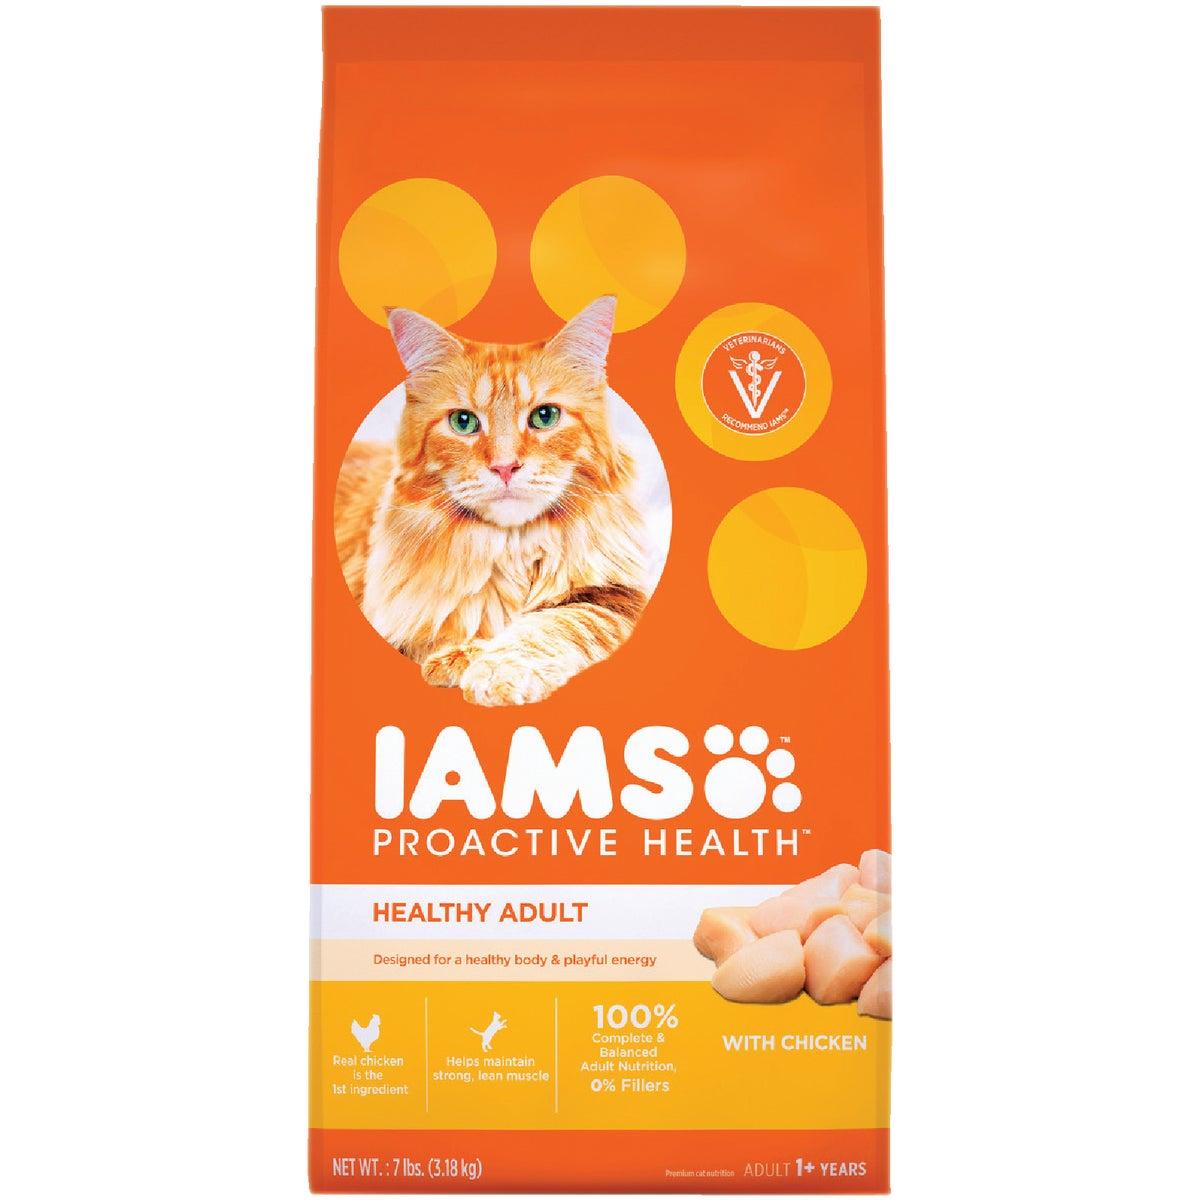 5.7LB ORGL CHKN CAT FOOD